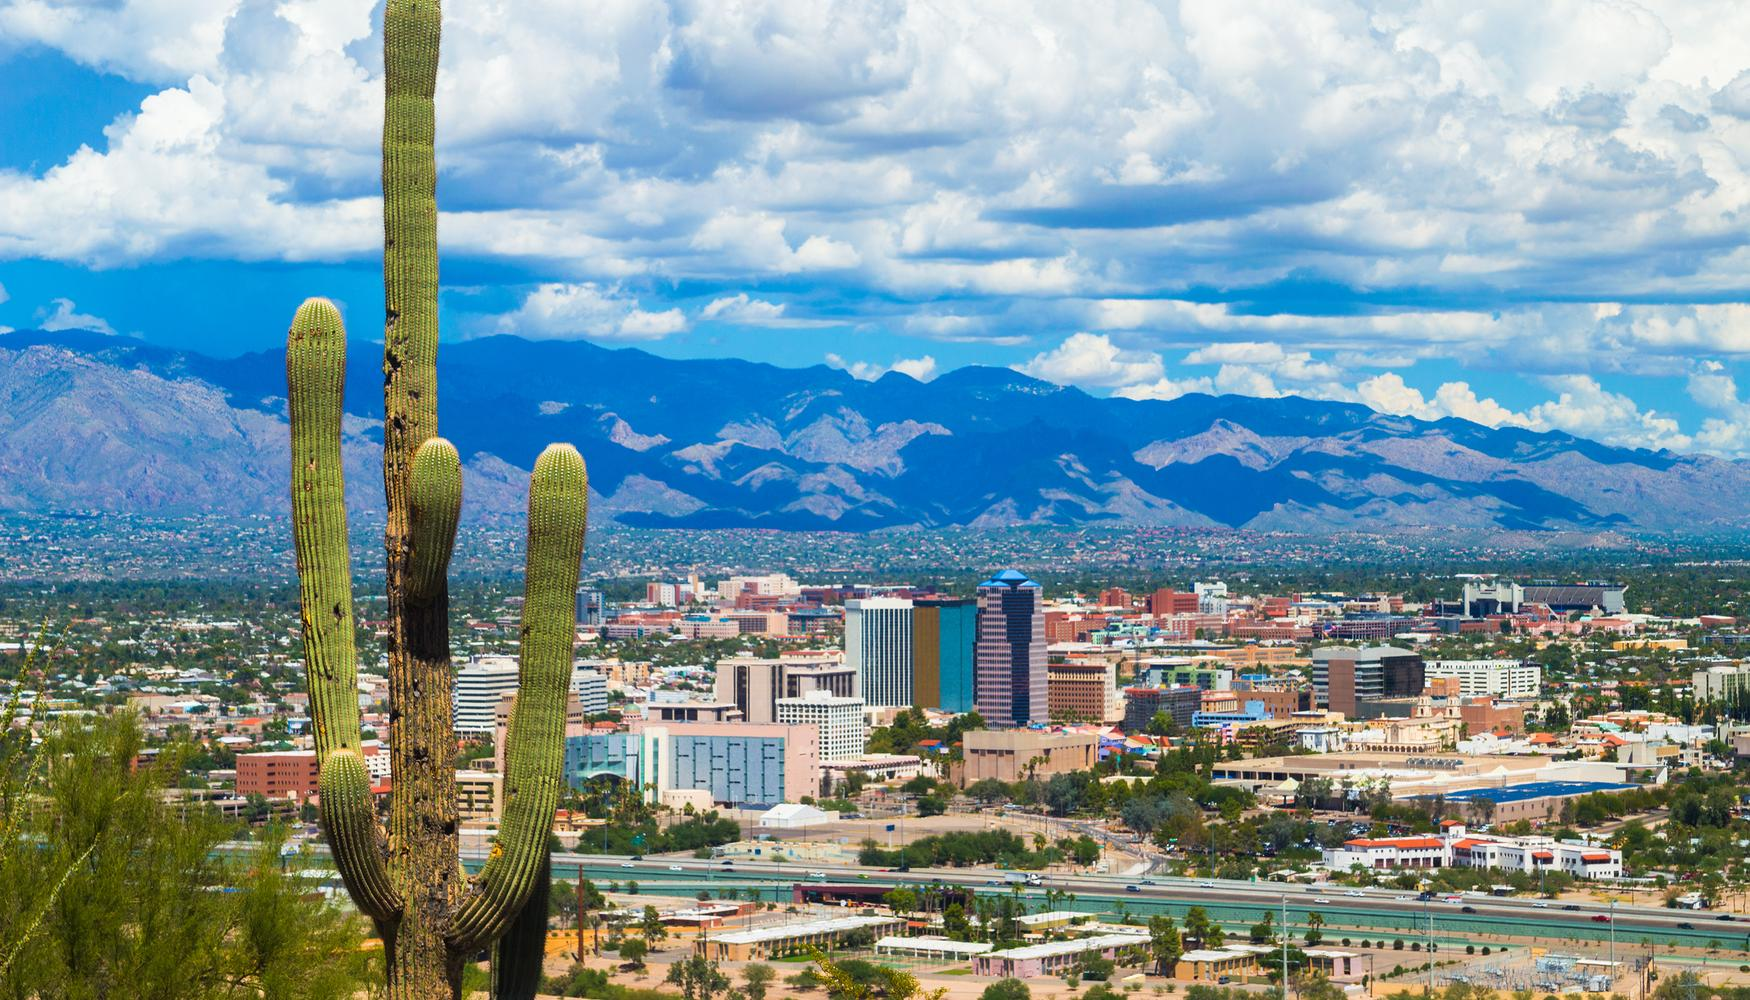 Car rental at Tucson Airport